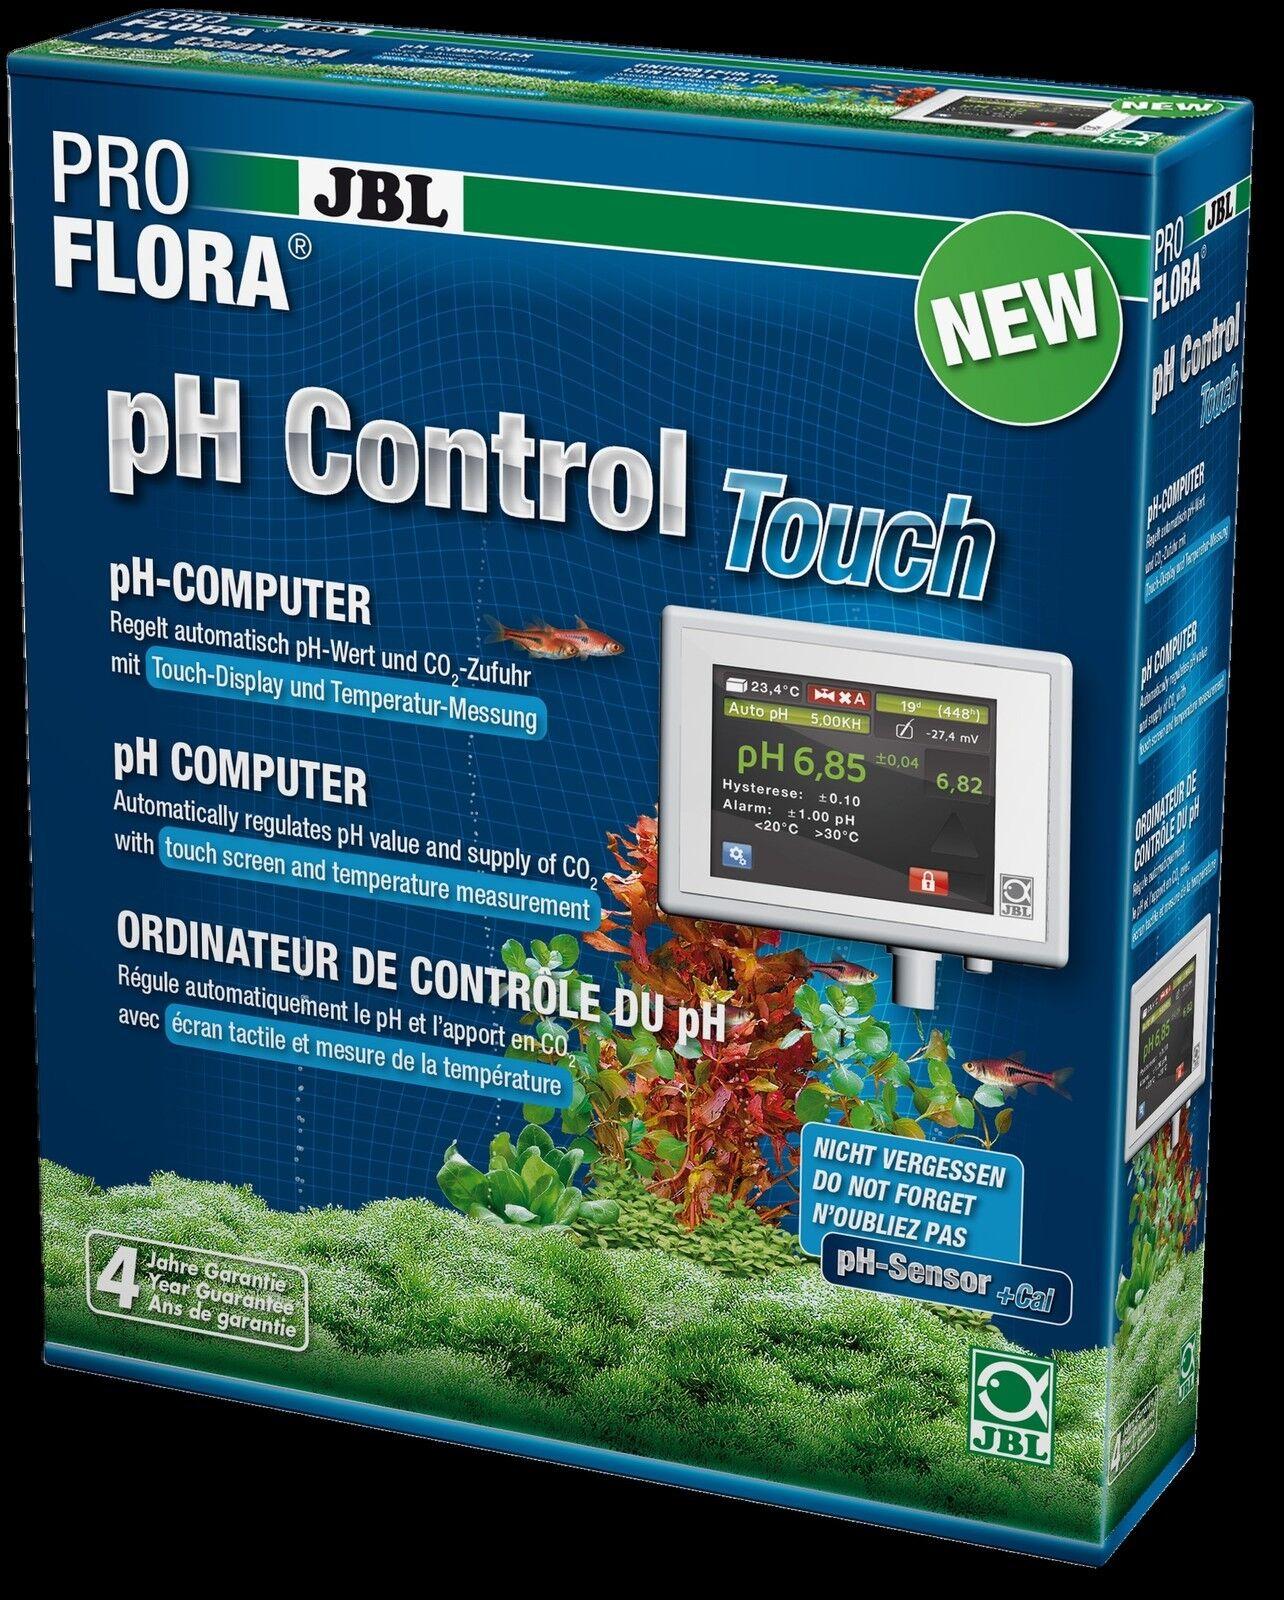 JBL ProFlora Ph Control Touch nuovo Regno Unito computer CO2 sistema PRO Flora Acquario Led